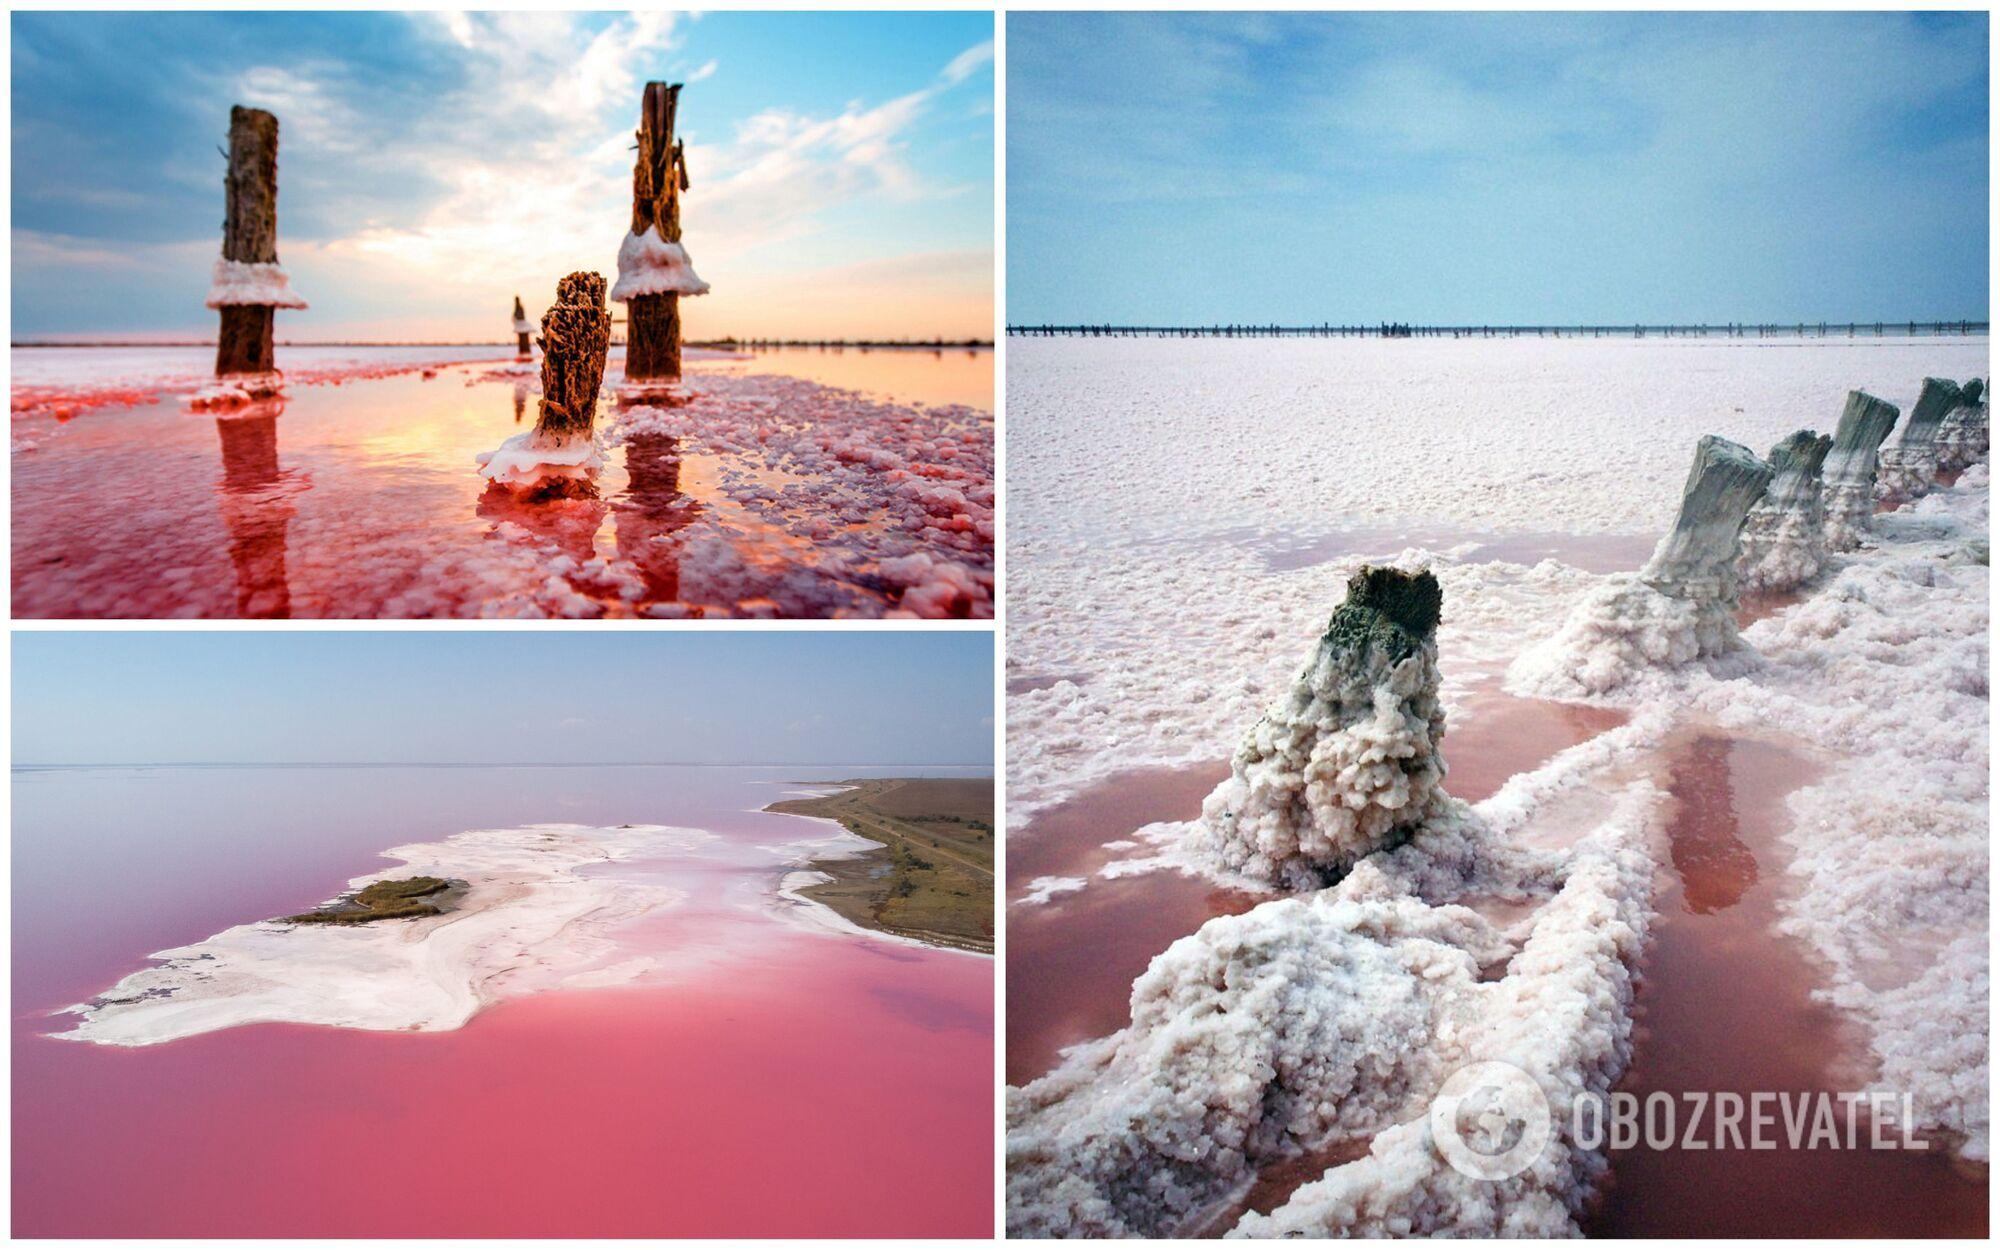 Озеро Сиваш за солоністю майже не поступається ізраїльському Мертвому морю